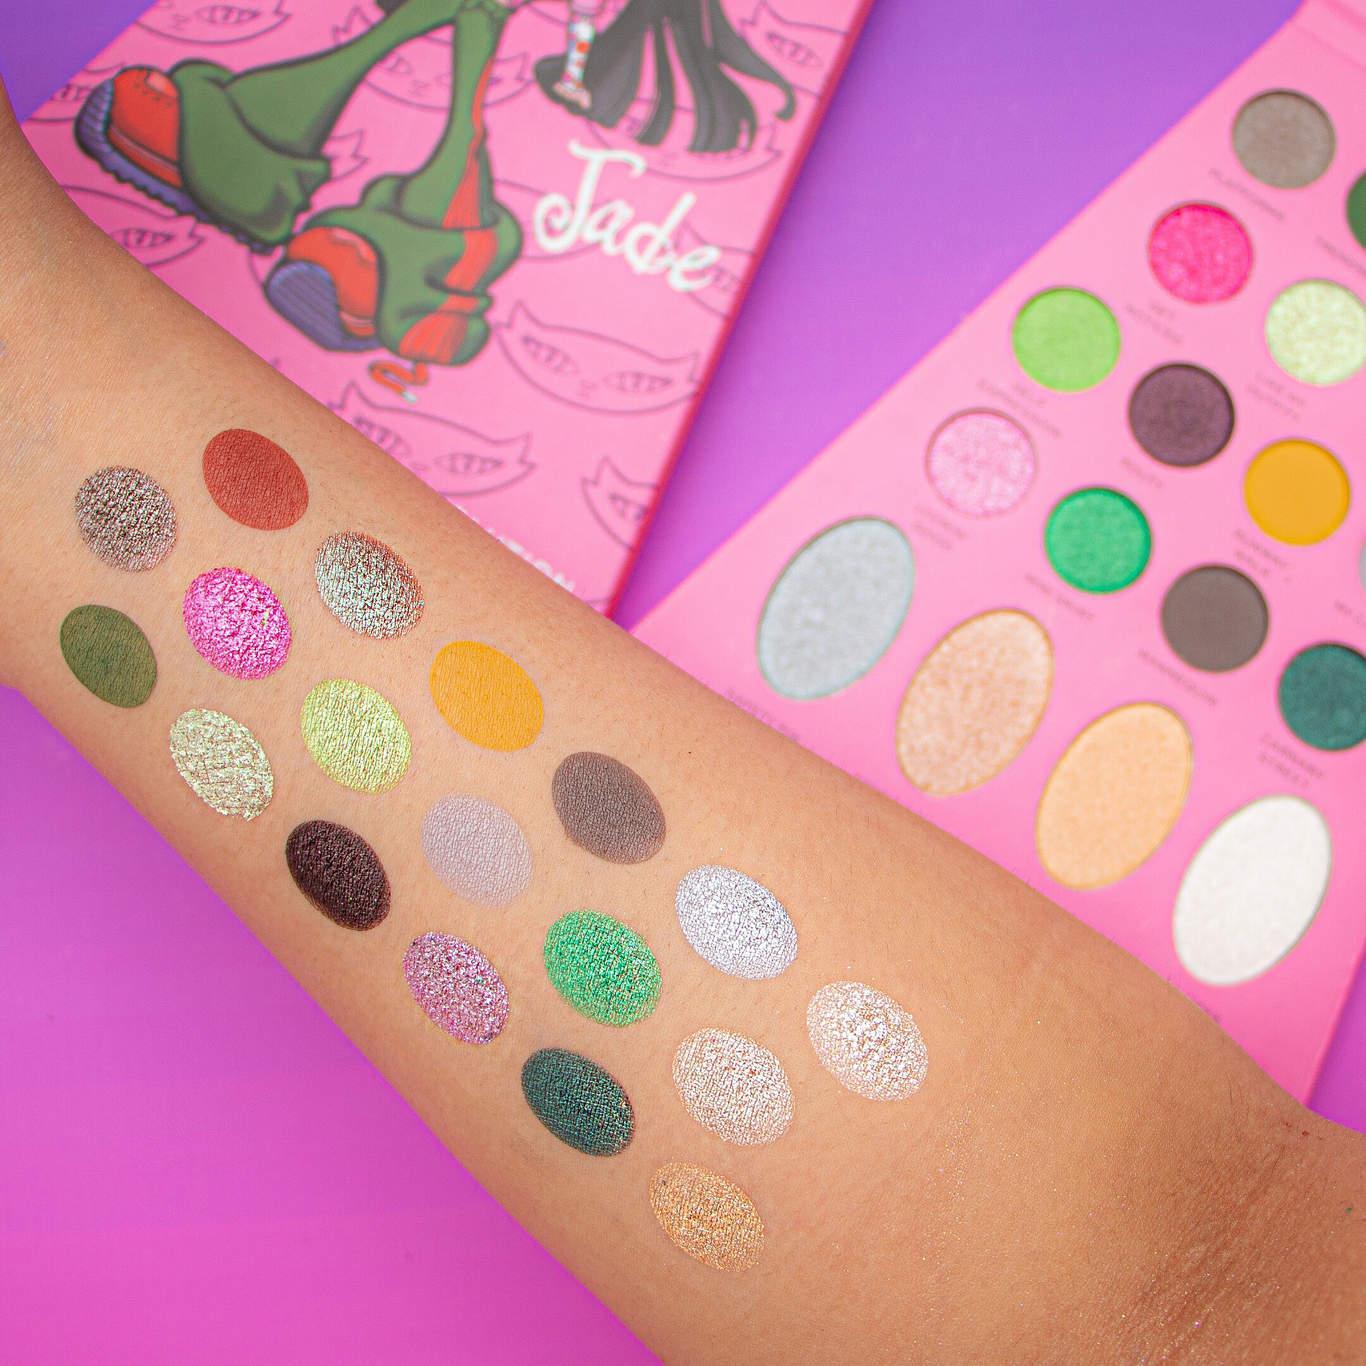 Makeup Revolution x Bratz Doll Eyeshadow Palette Jade Arm Swatches